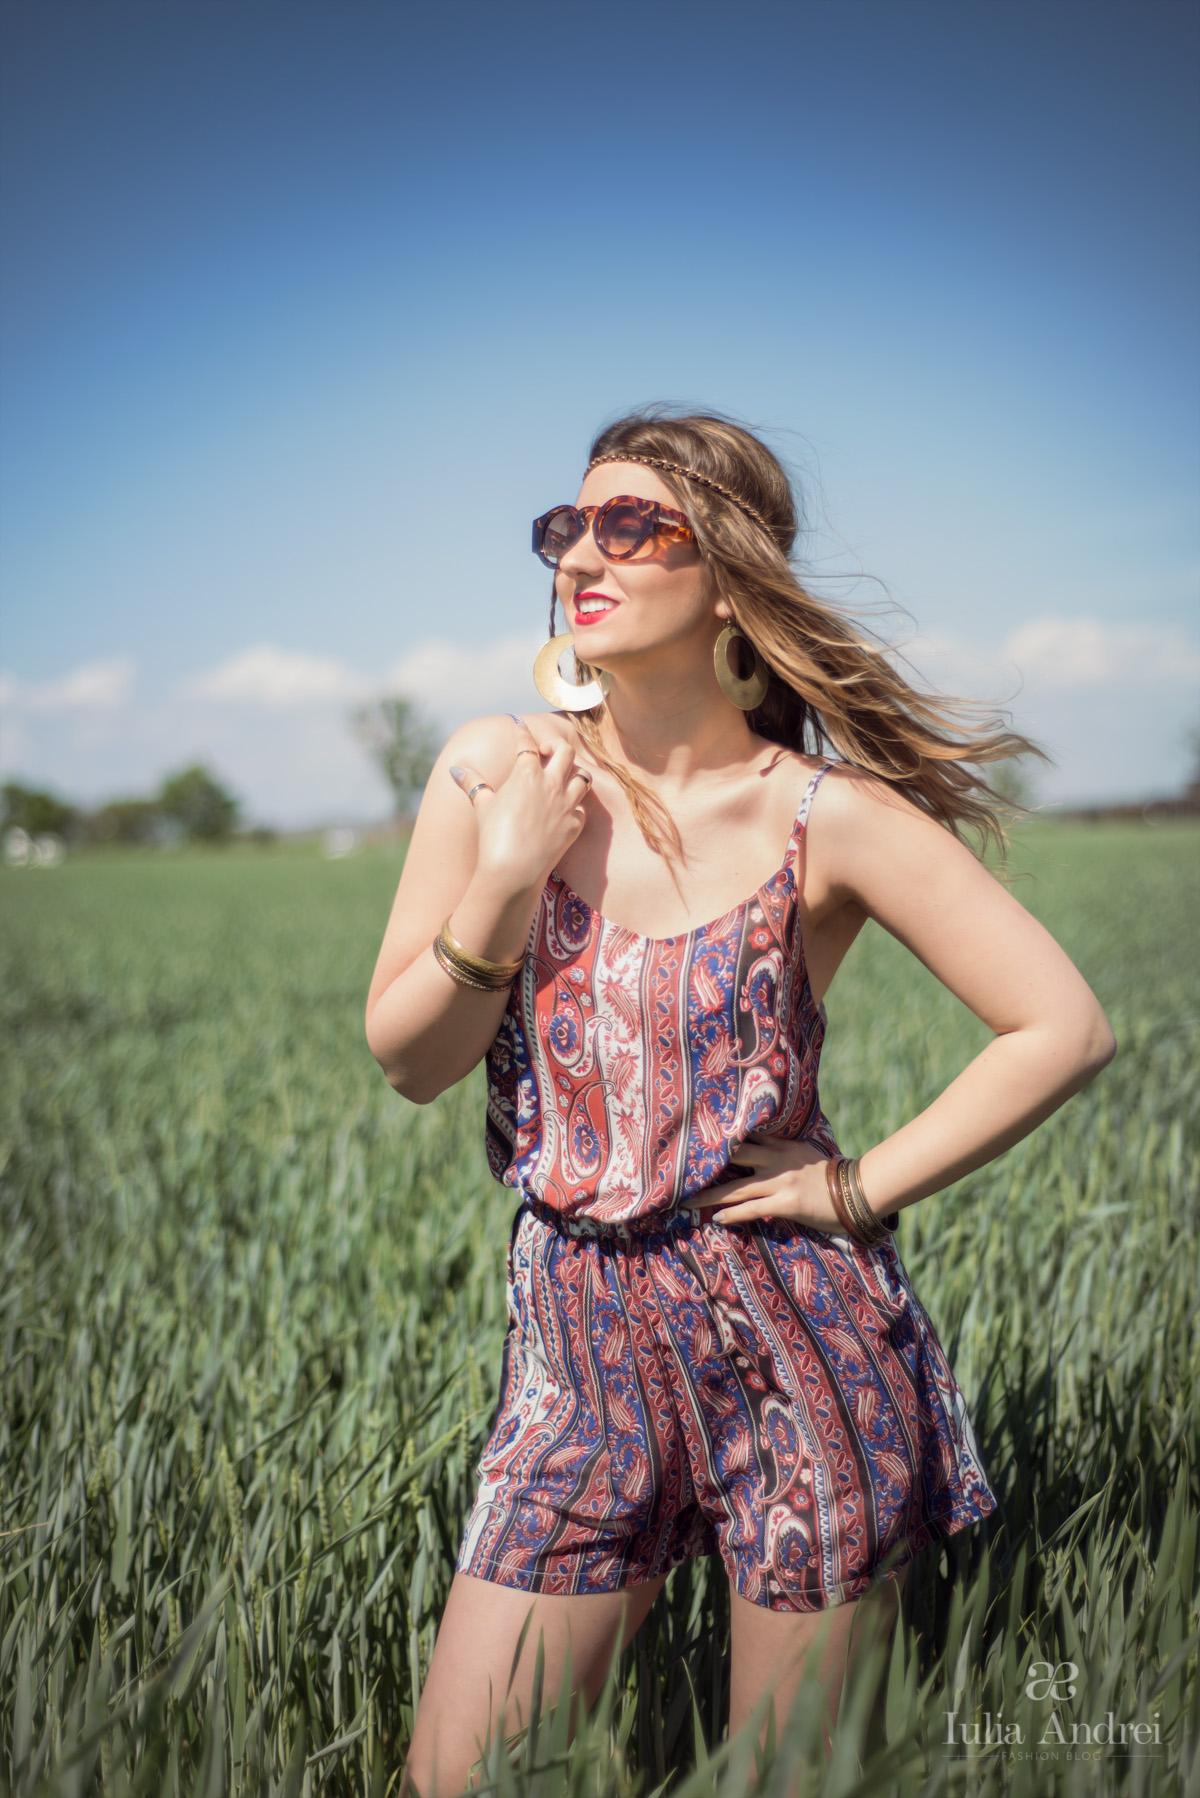 Salopeta boho cu imprimeu iulia andrei fashion blog Bohemian style fashion blogs